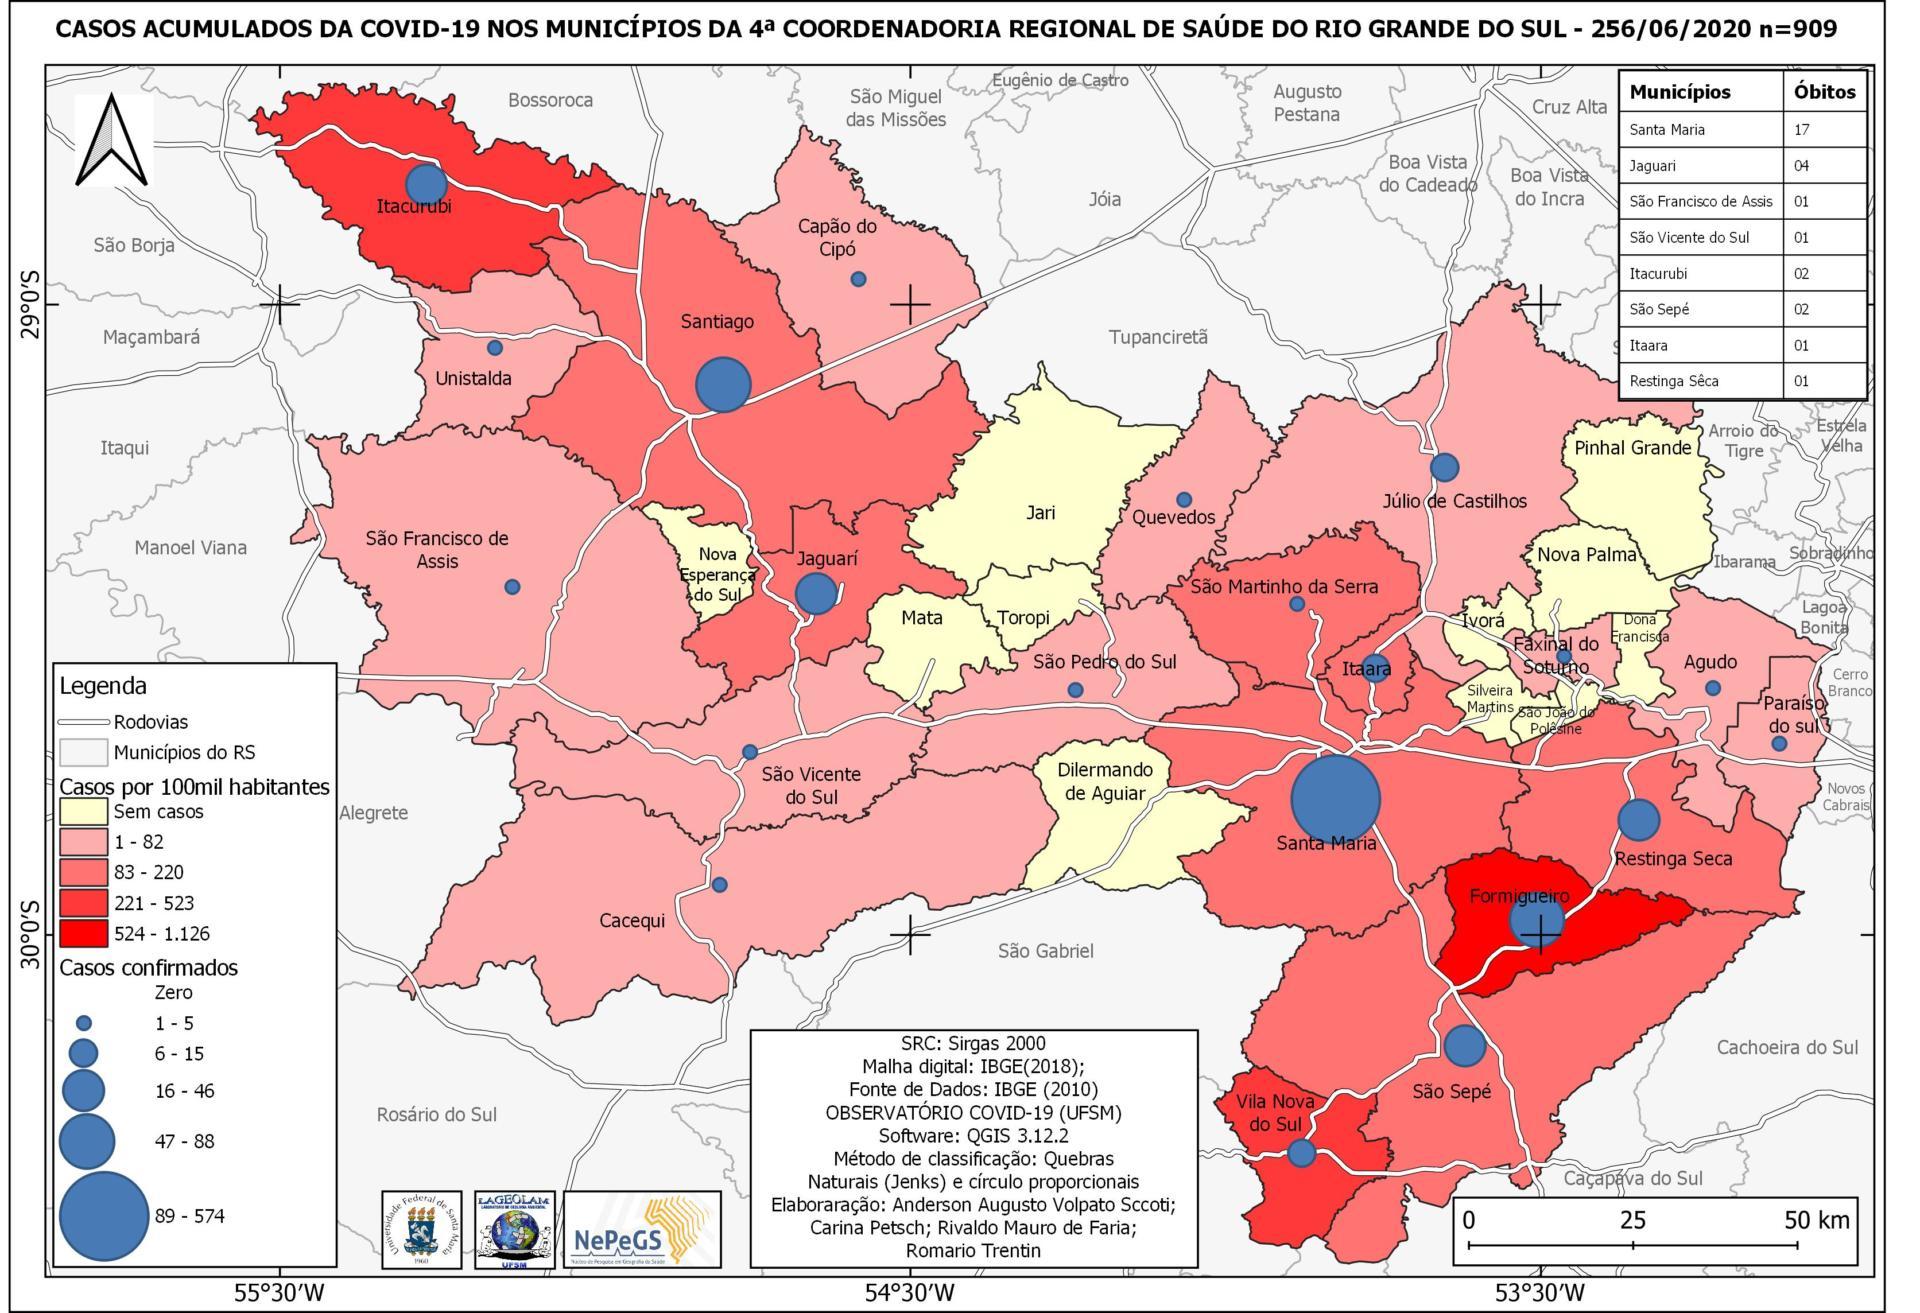 Mapa4CRS 27jun